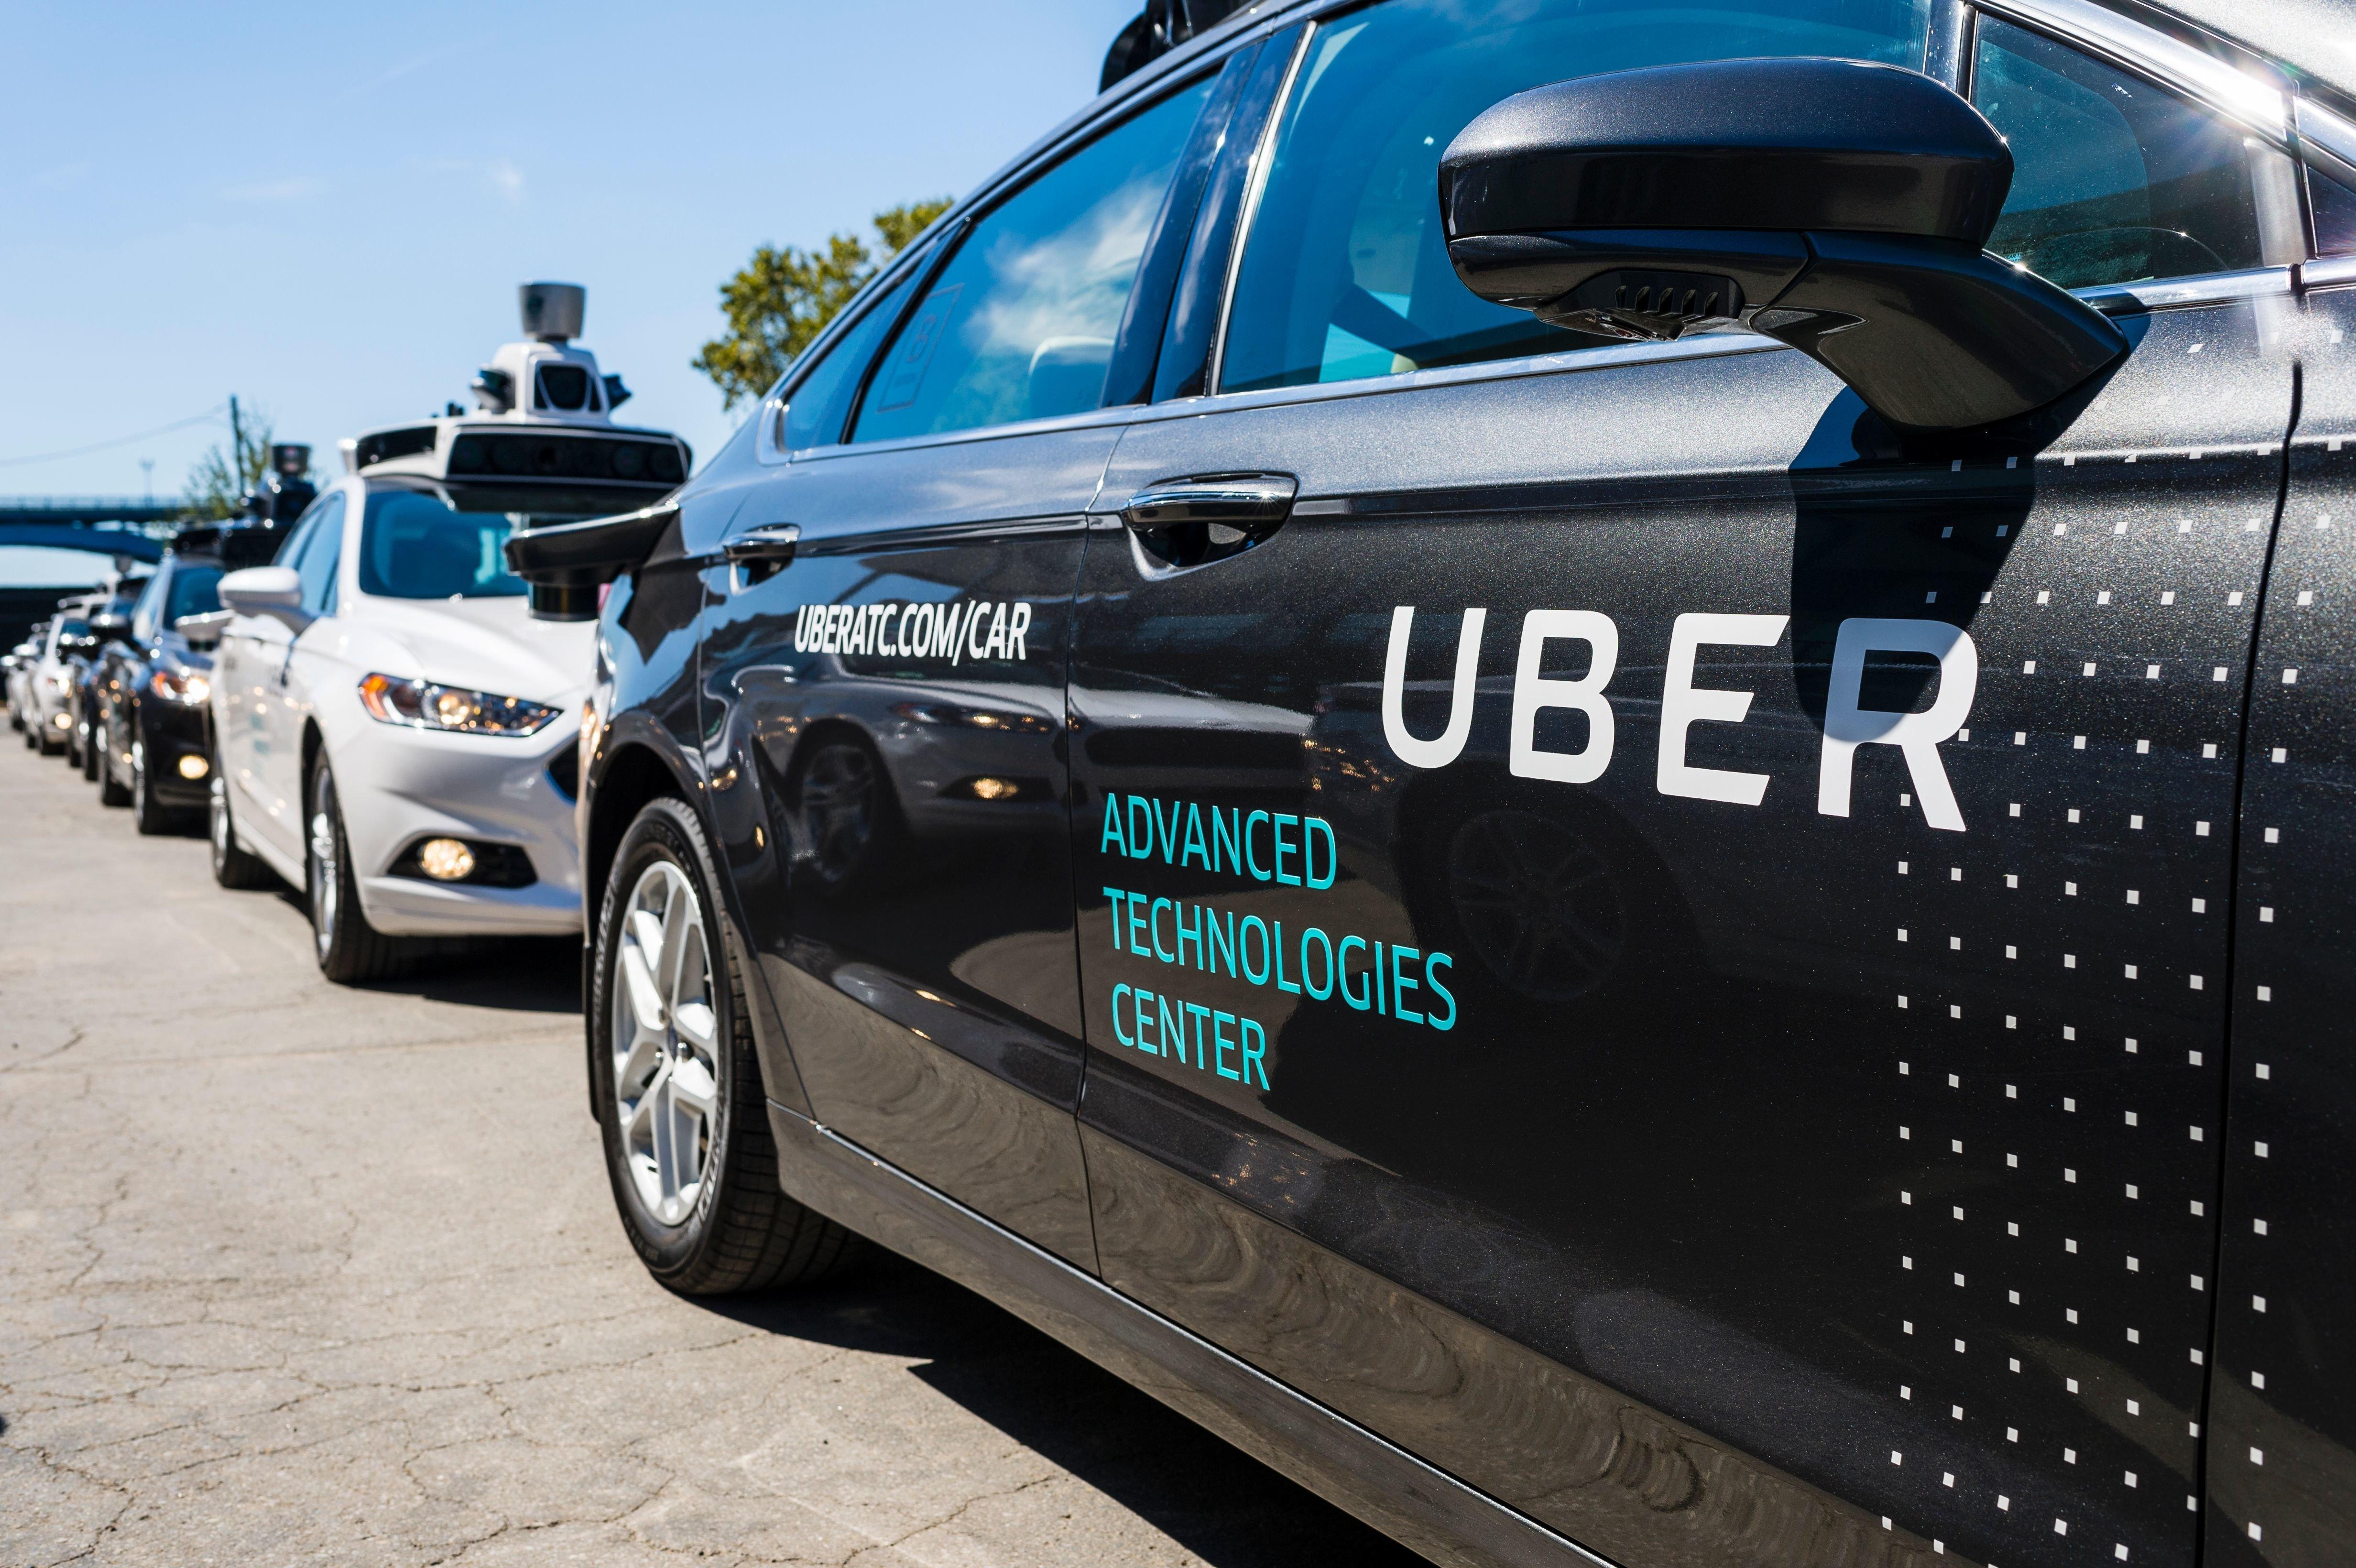 우버가 자율주행 택시팀 전원을 해고했다